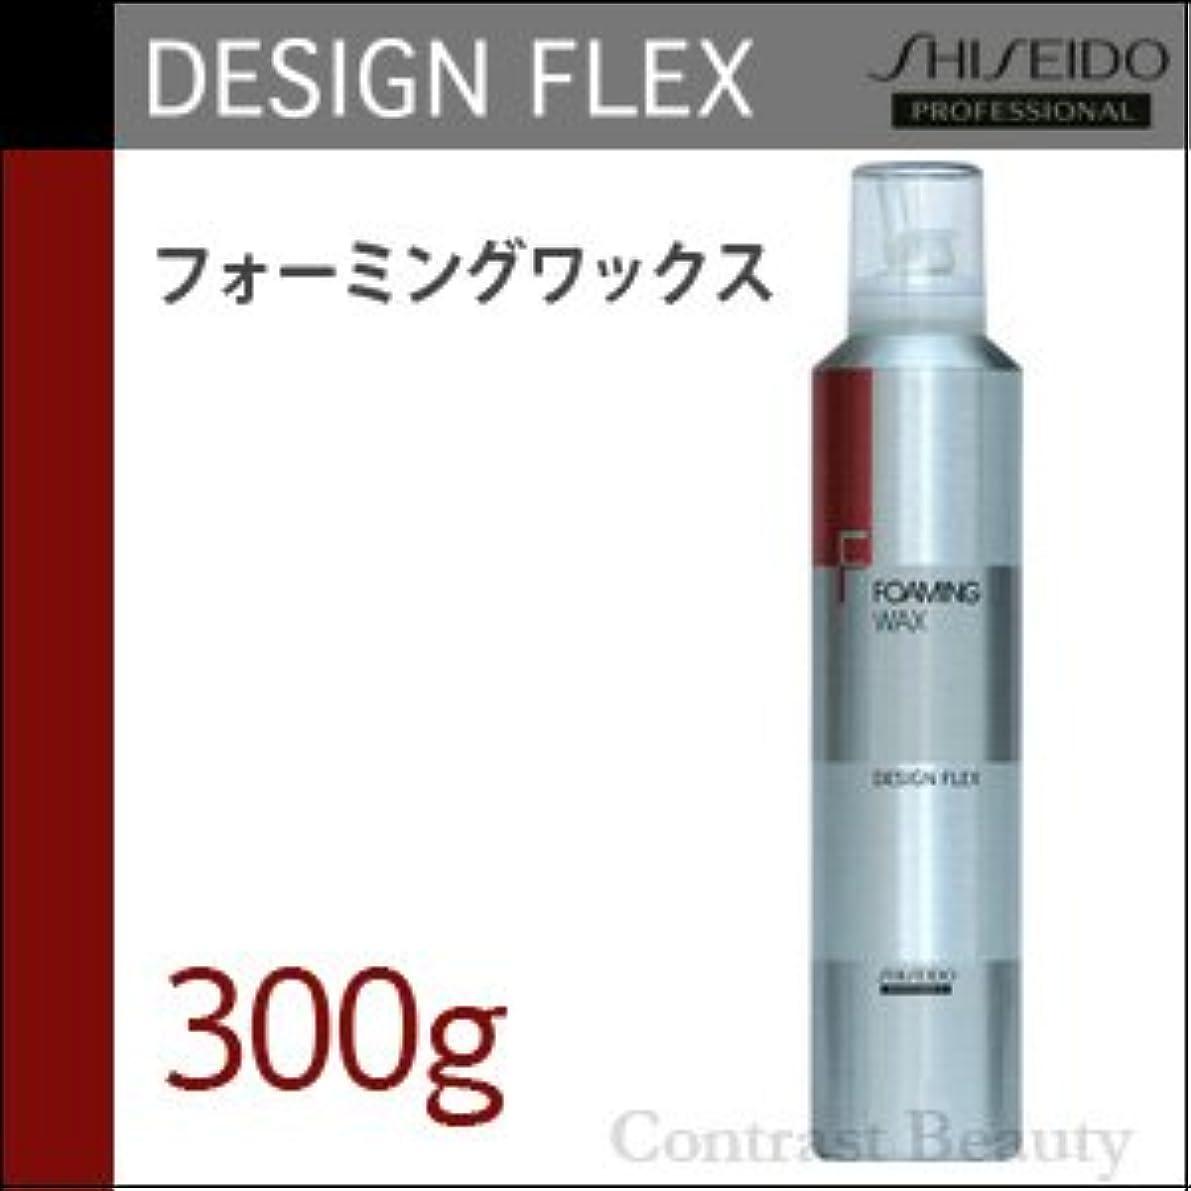 手荷物最少間違っている【x3個セット】 資生堂 デザインフレックス フォーミングワックス 300g